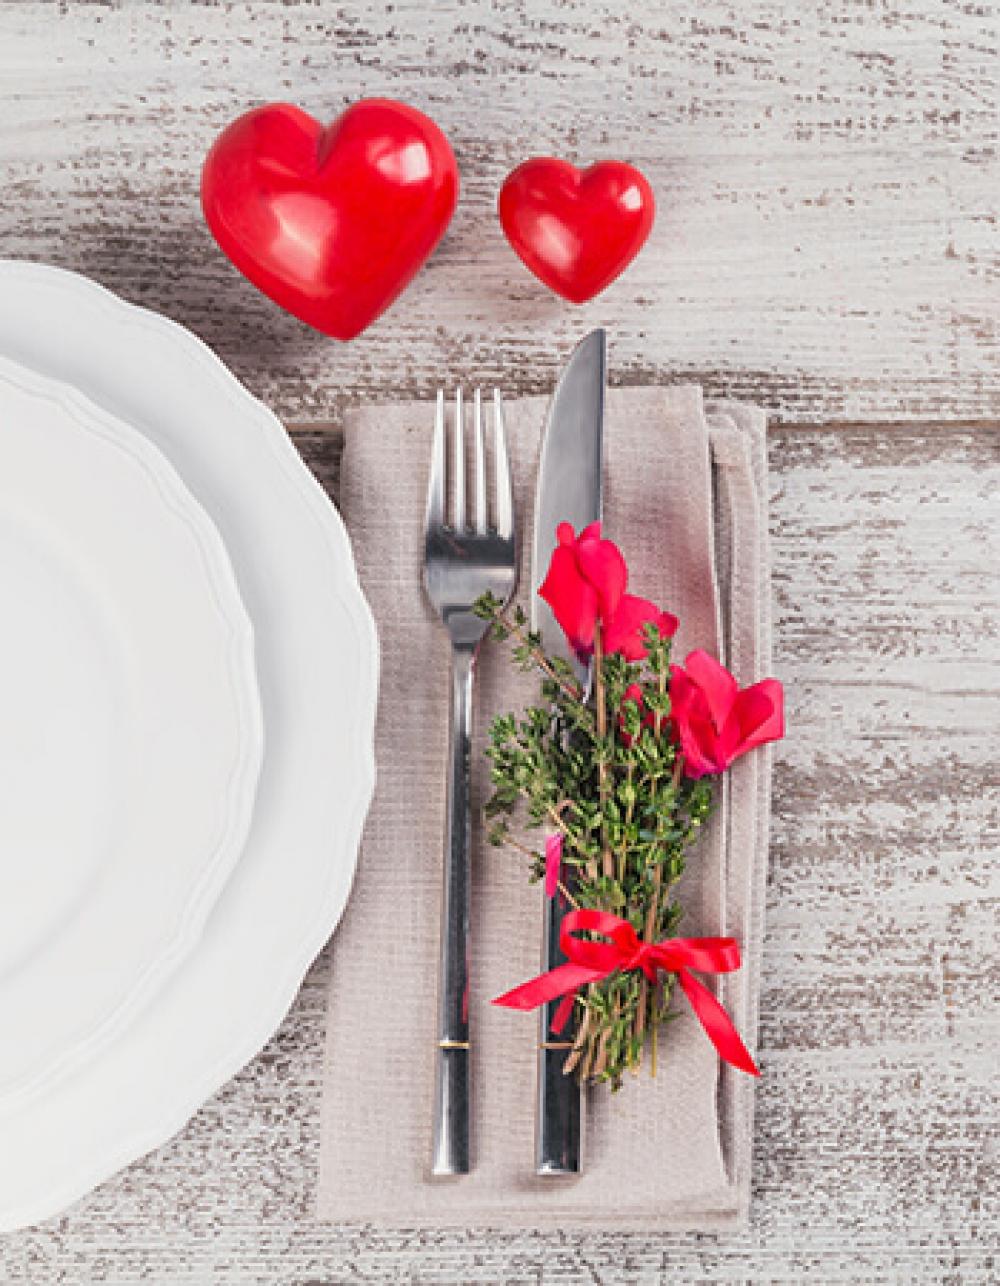 Sevgililer Gününde Klişeler Yerine Sevgilinize Özel Sürpriz Tarifler